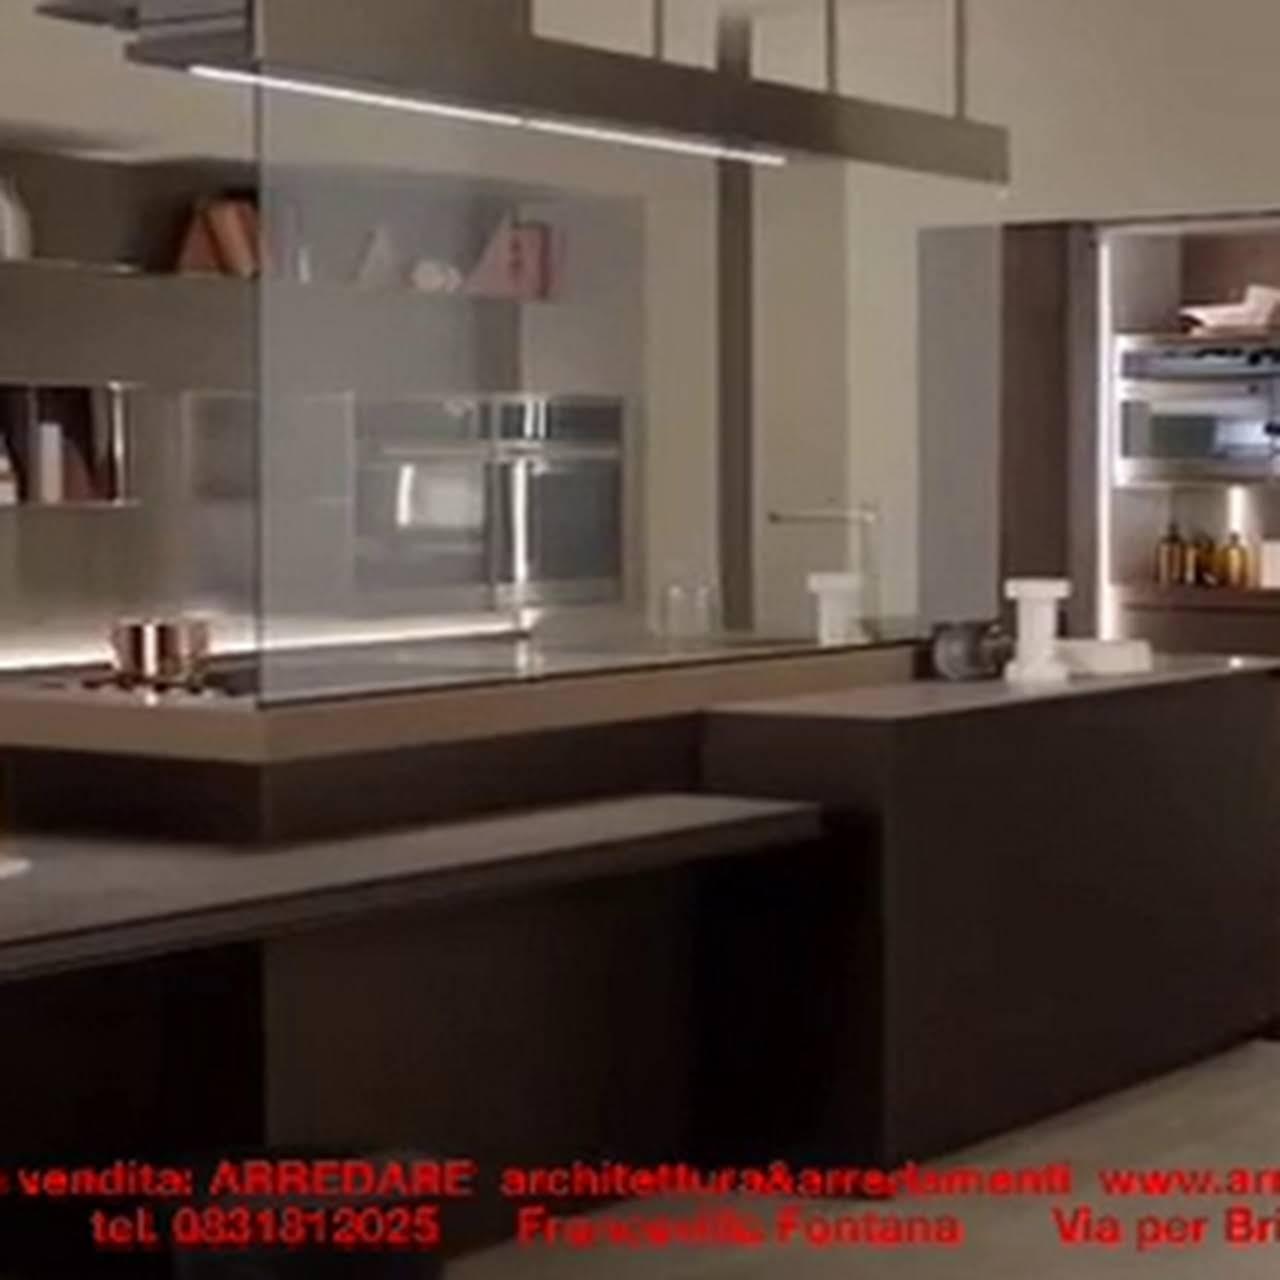 Arredo Casa Francavilla Fontana arredare srl. architettura & arredamenti - negozio di mobili